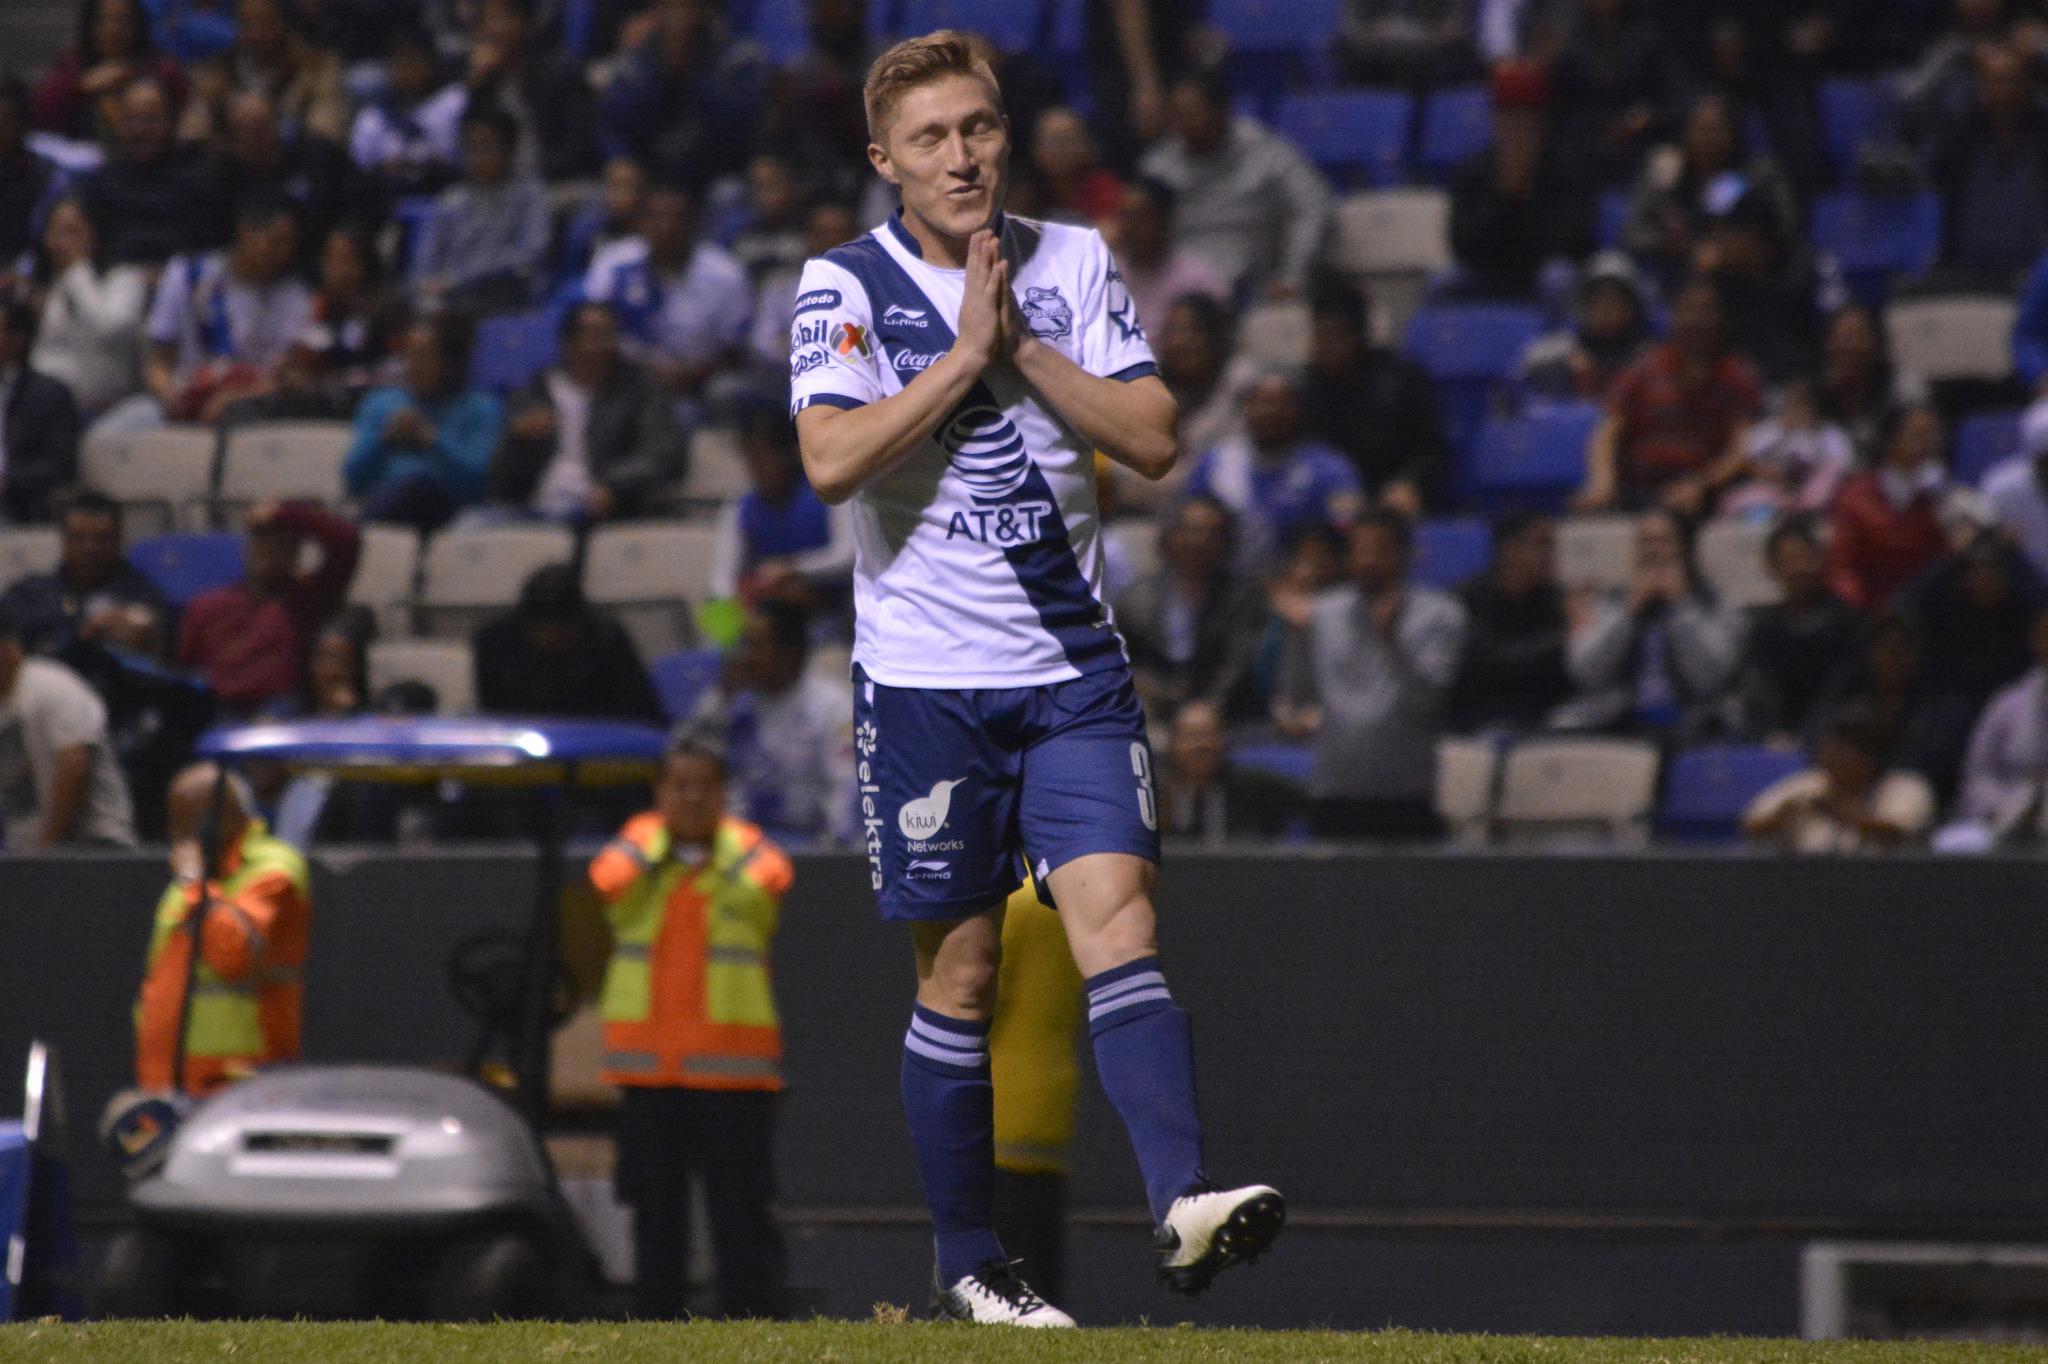 Se acerca León a las semifinales del Clausura 2019